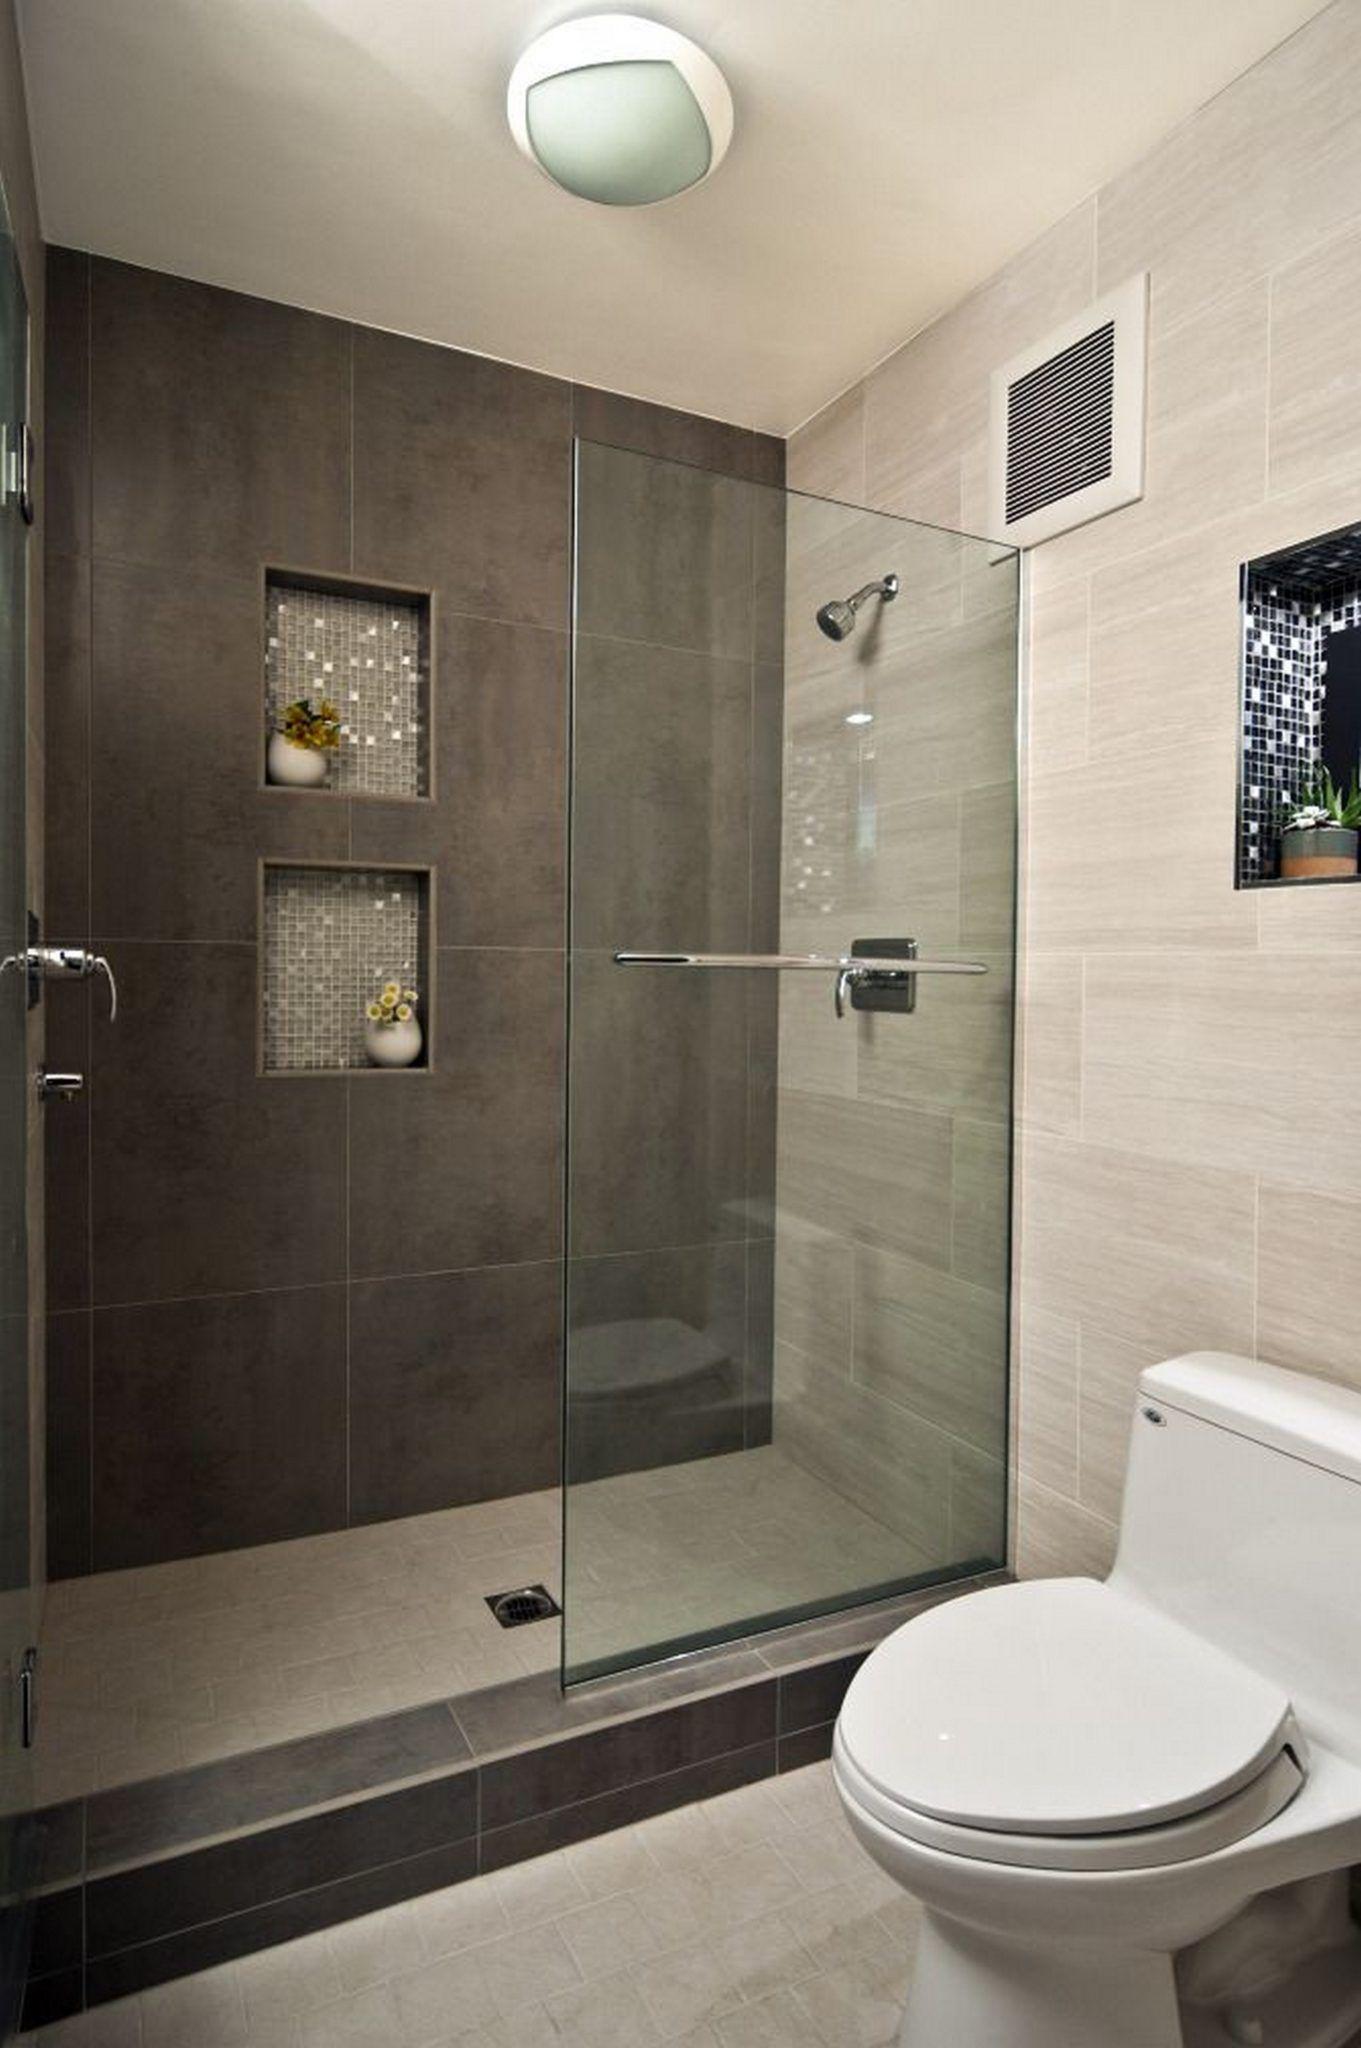 Image result for walk in shower designs | Showers | Pinterest ...